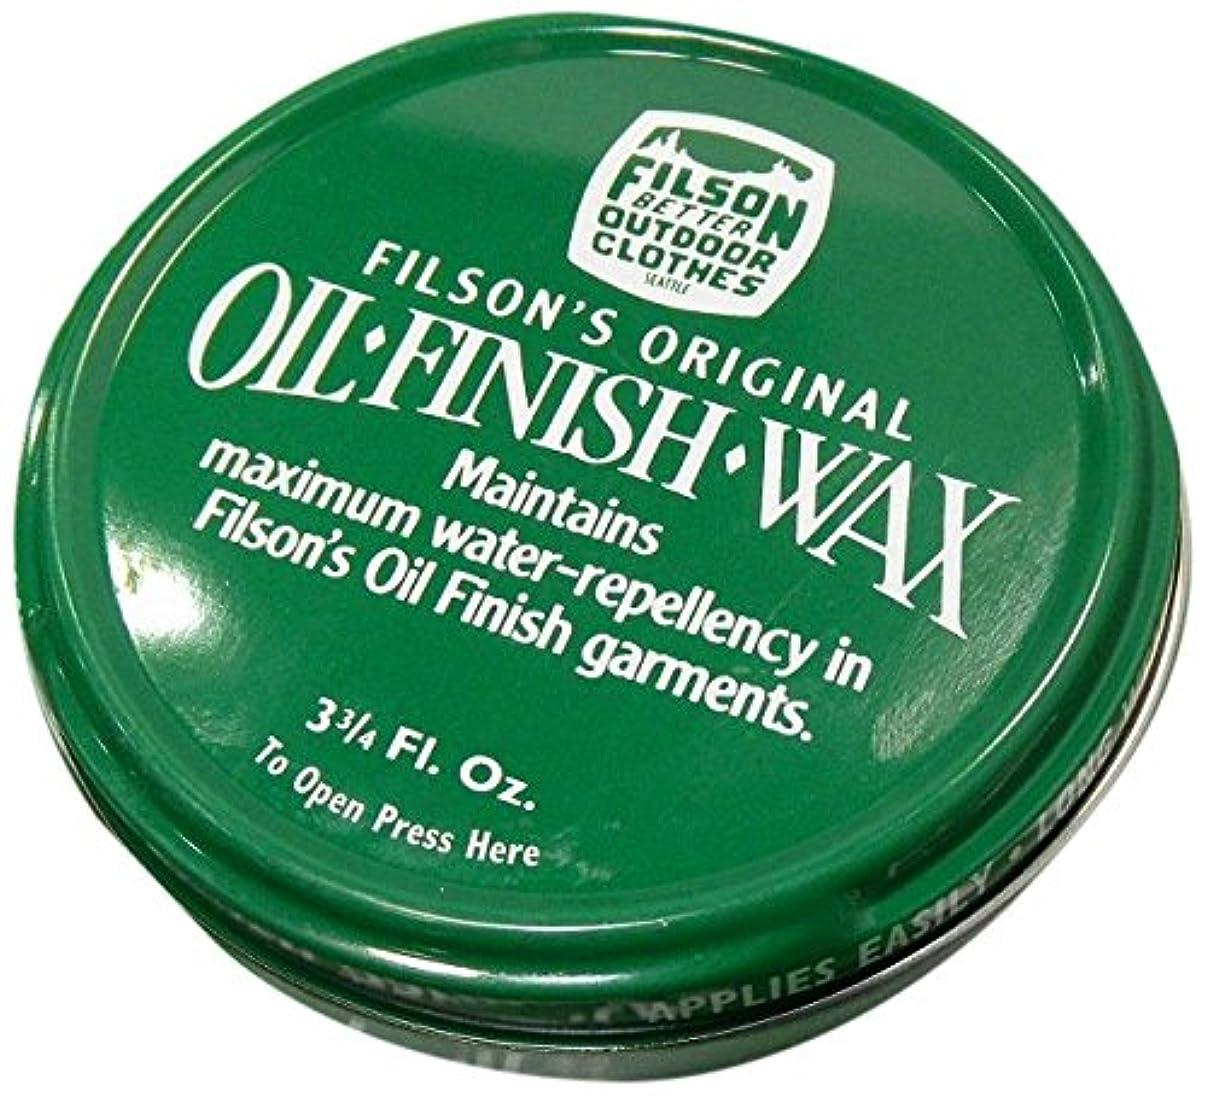 しばしばサージしてはいけないFILSON(フィルソン) オイルフィニッシュワックス FSA2001 [並行輸入品]